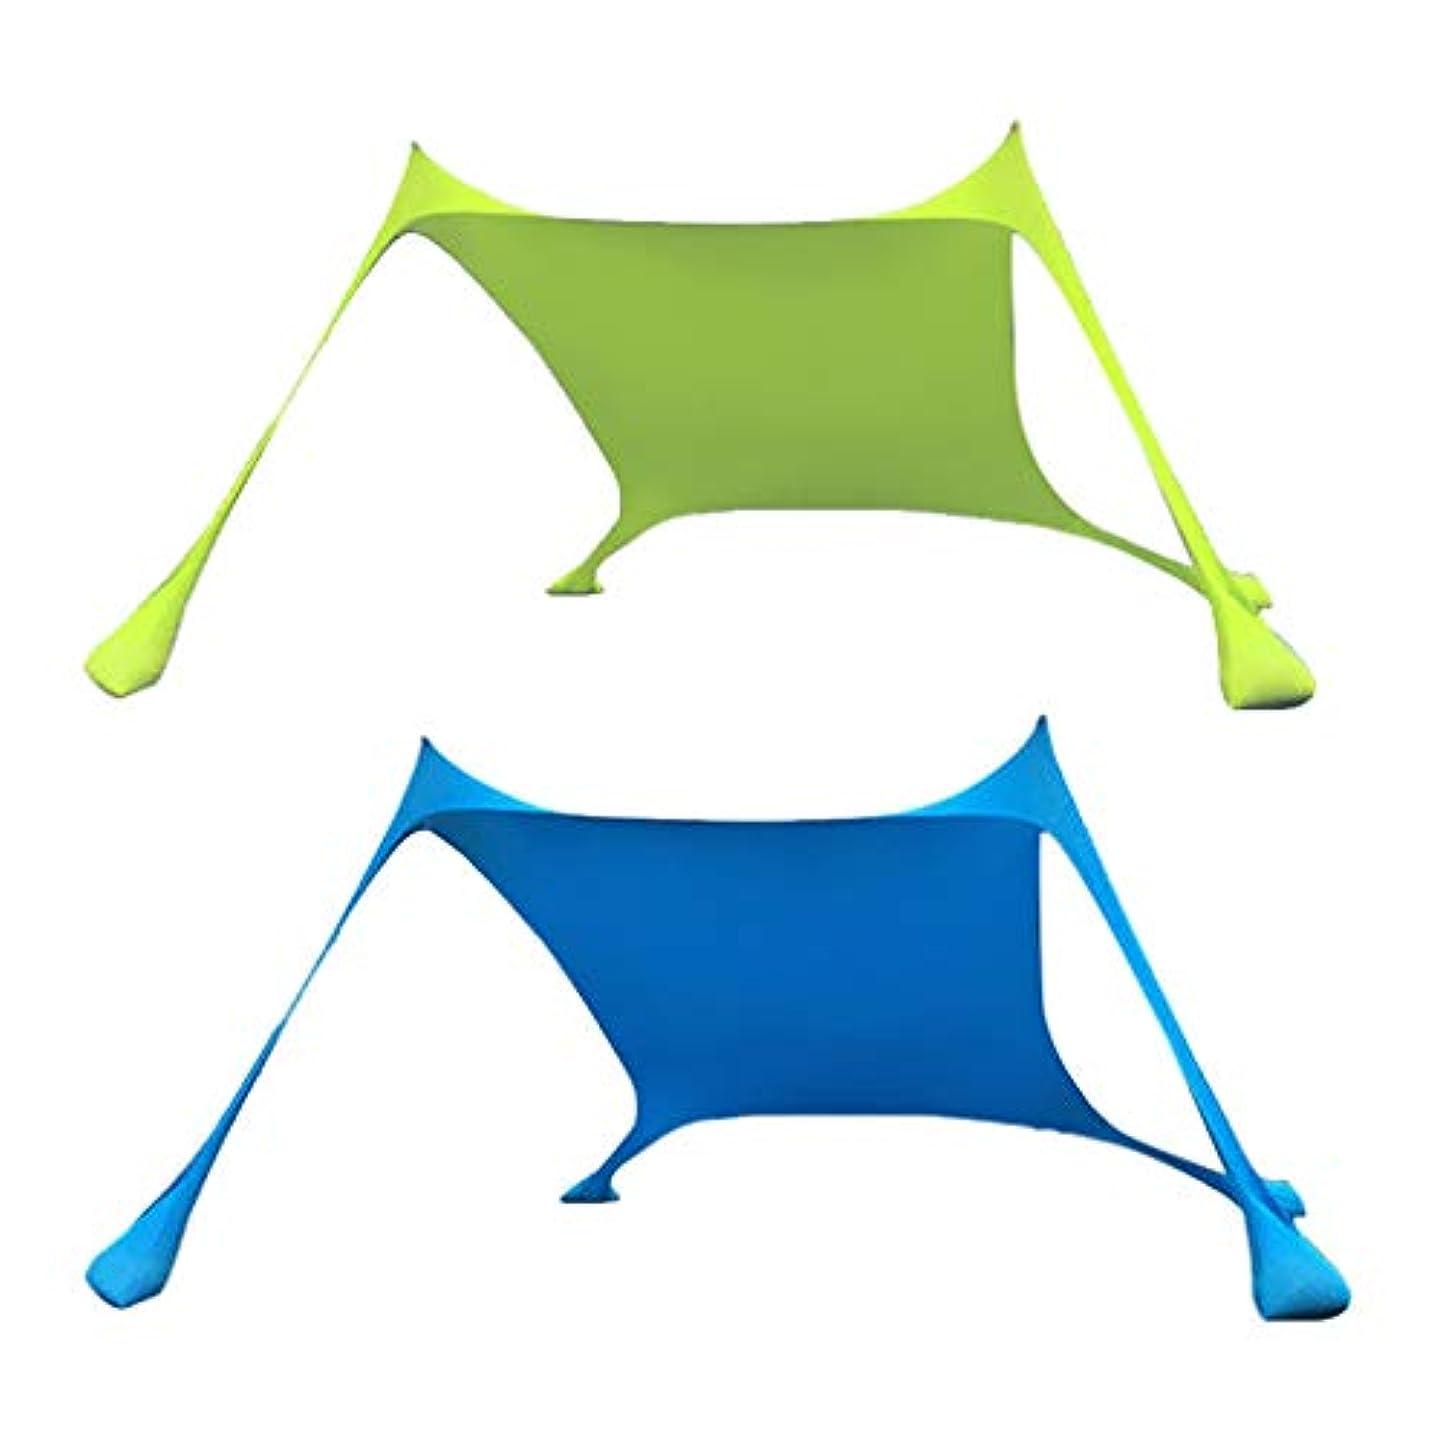 ライドジャケット毎月F Fityle 天幕 テントタープ シェルター テントポール アンカー キャンプ用品 避難 防災 収納袋 2枚